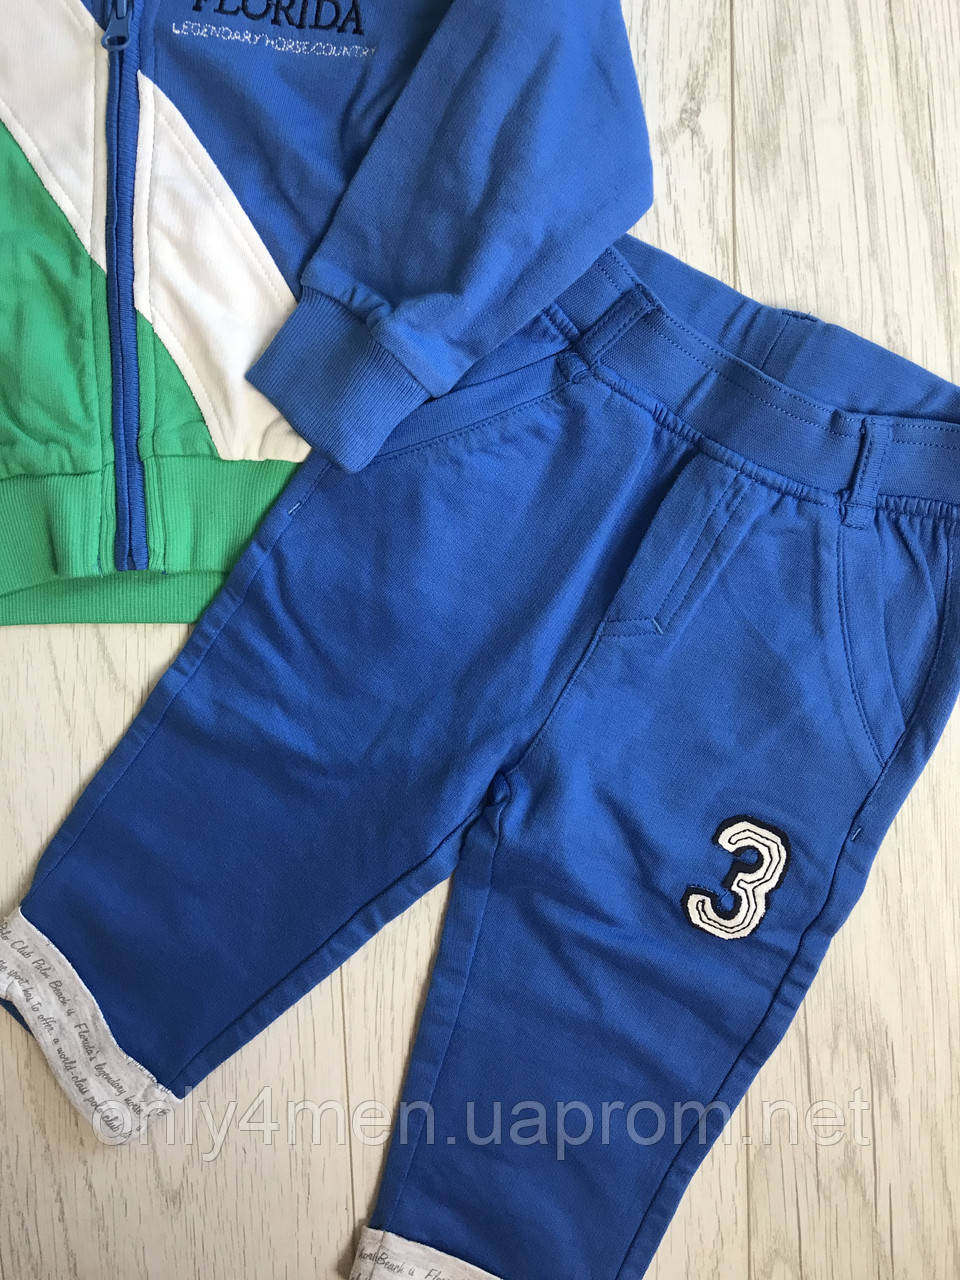 Спортивные штаны  на 68-86 р.